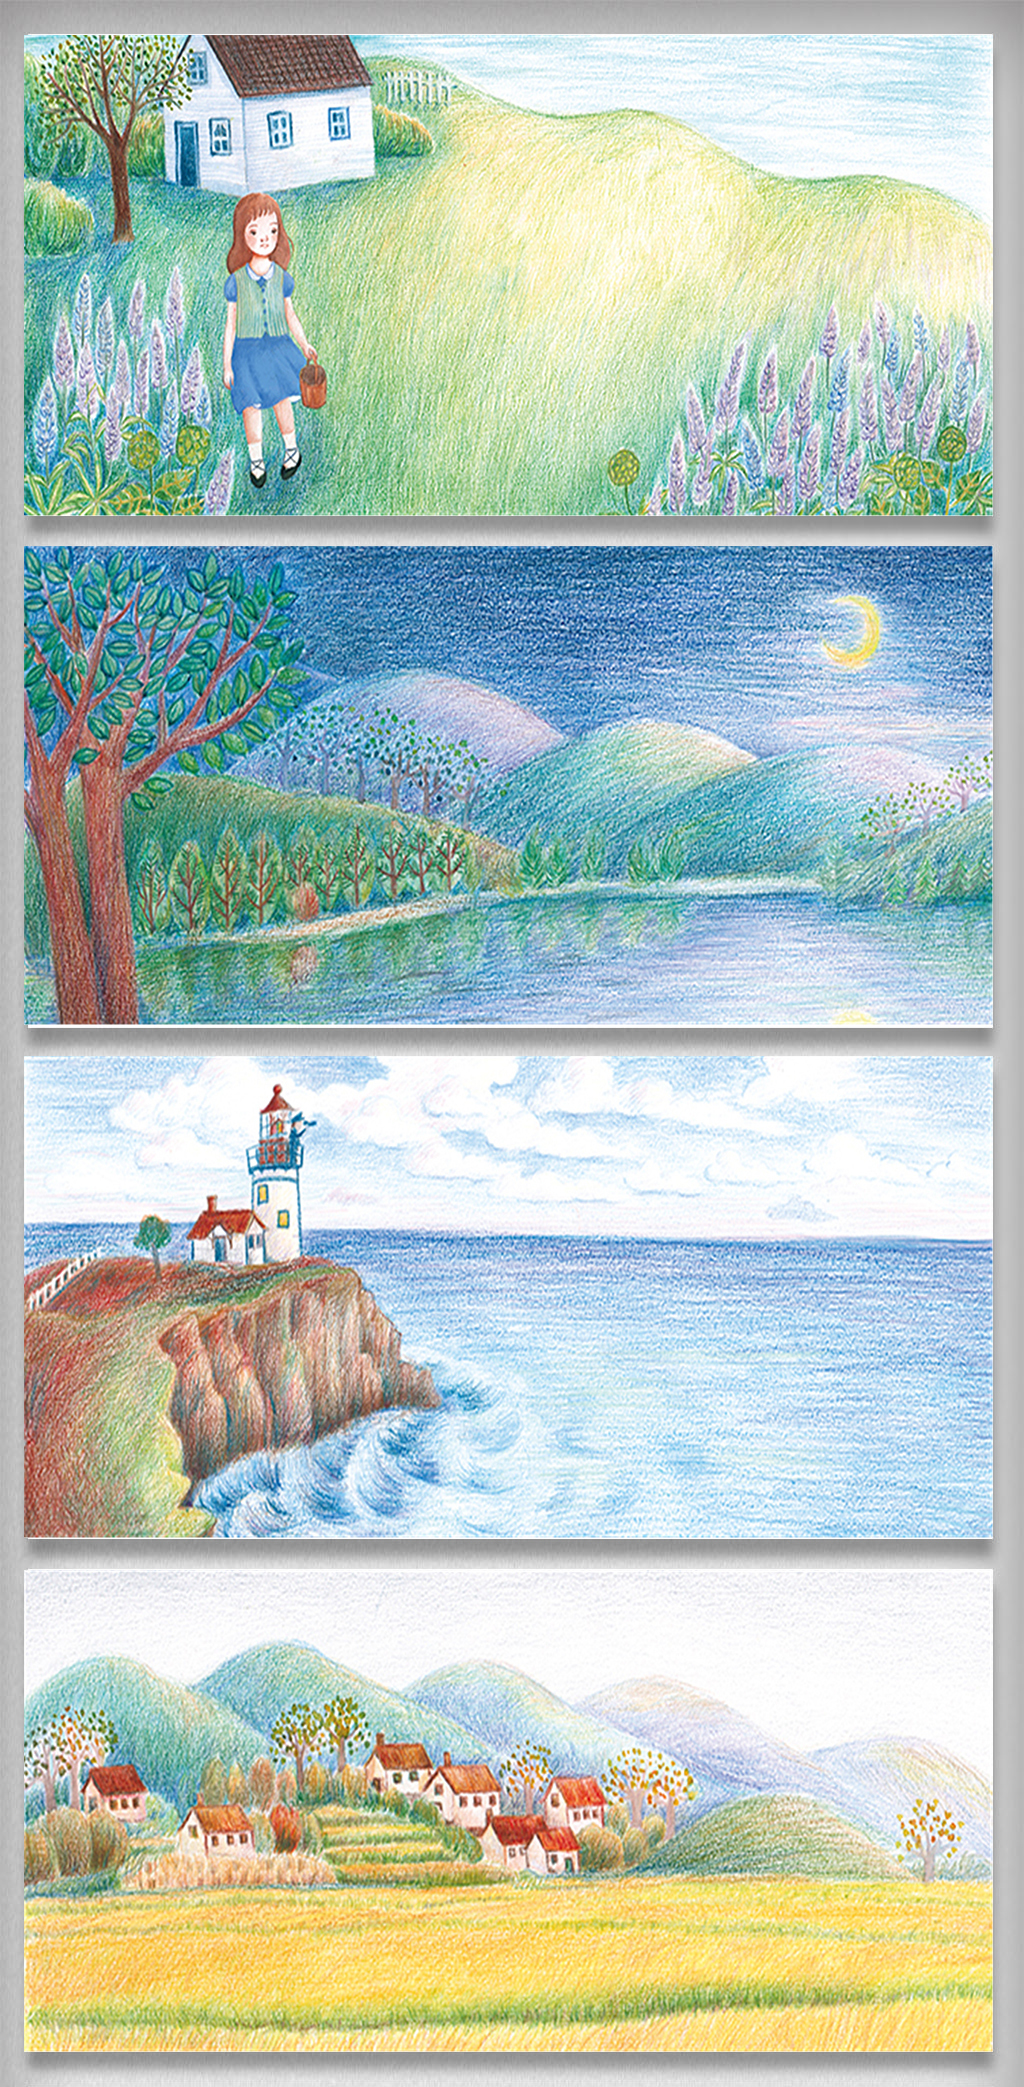 手绘画水彩彩铅海报背景图片设计